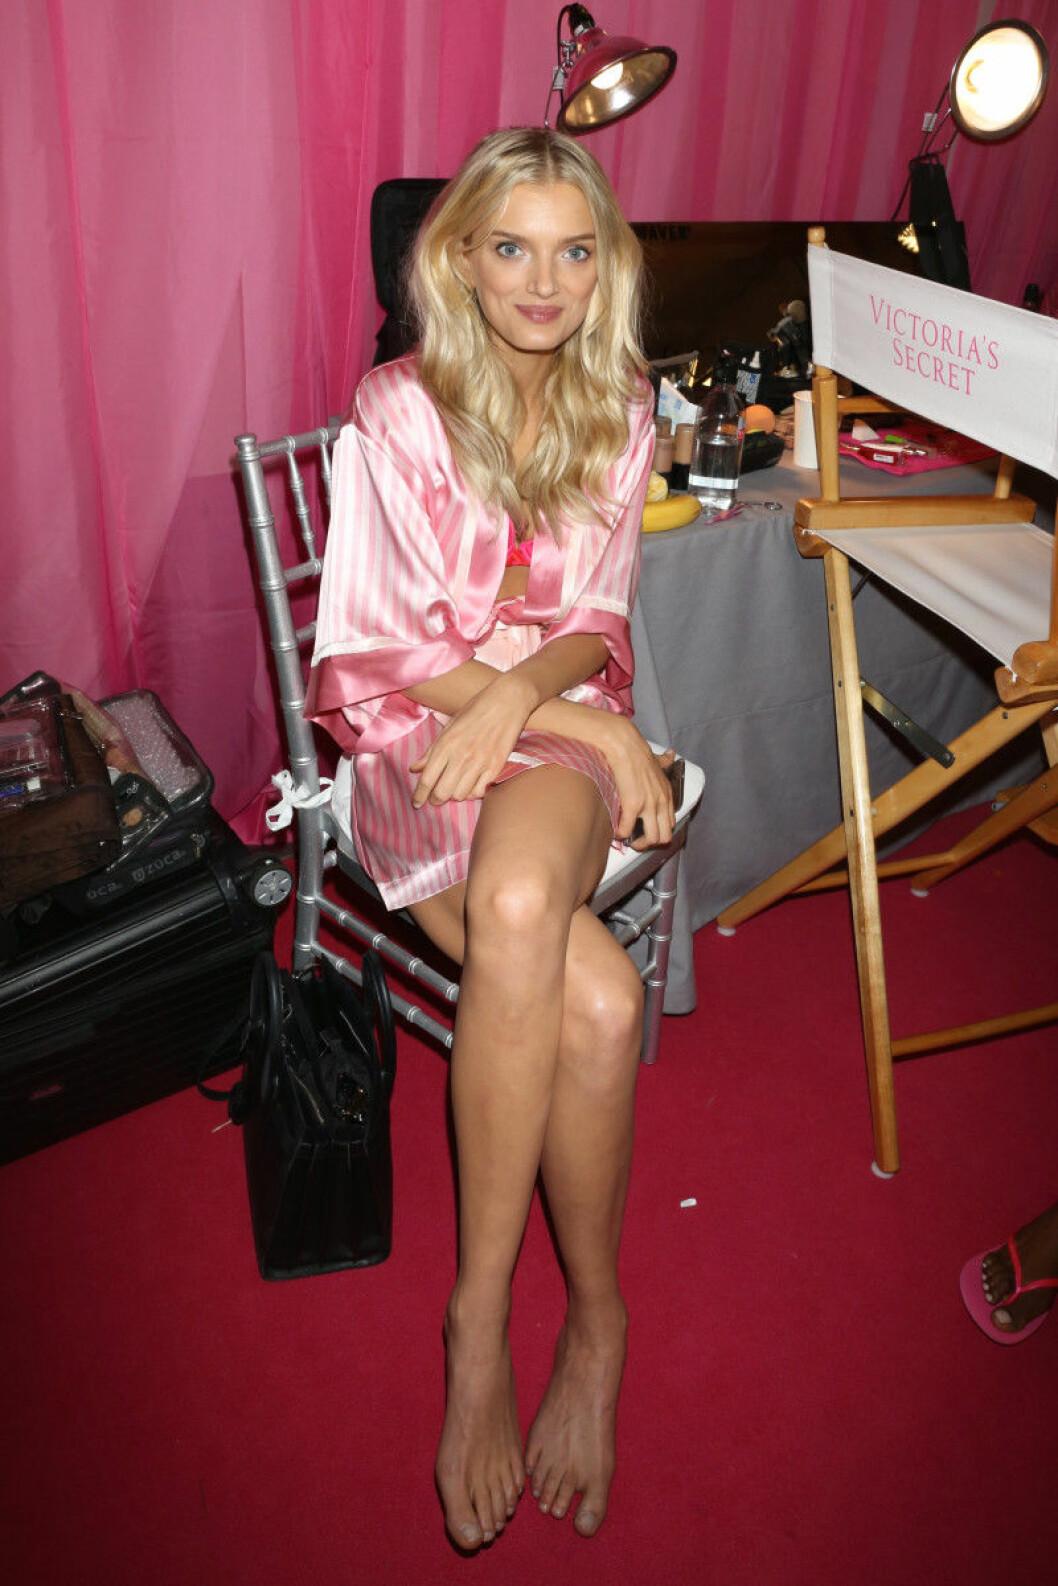 Victoria's Secret backstage 2015 lily donaldson